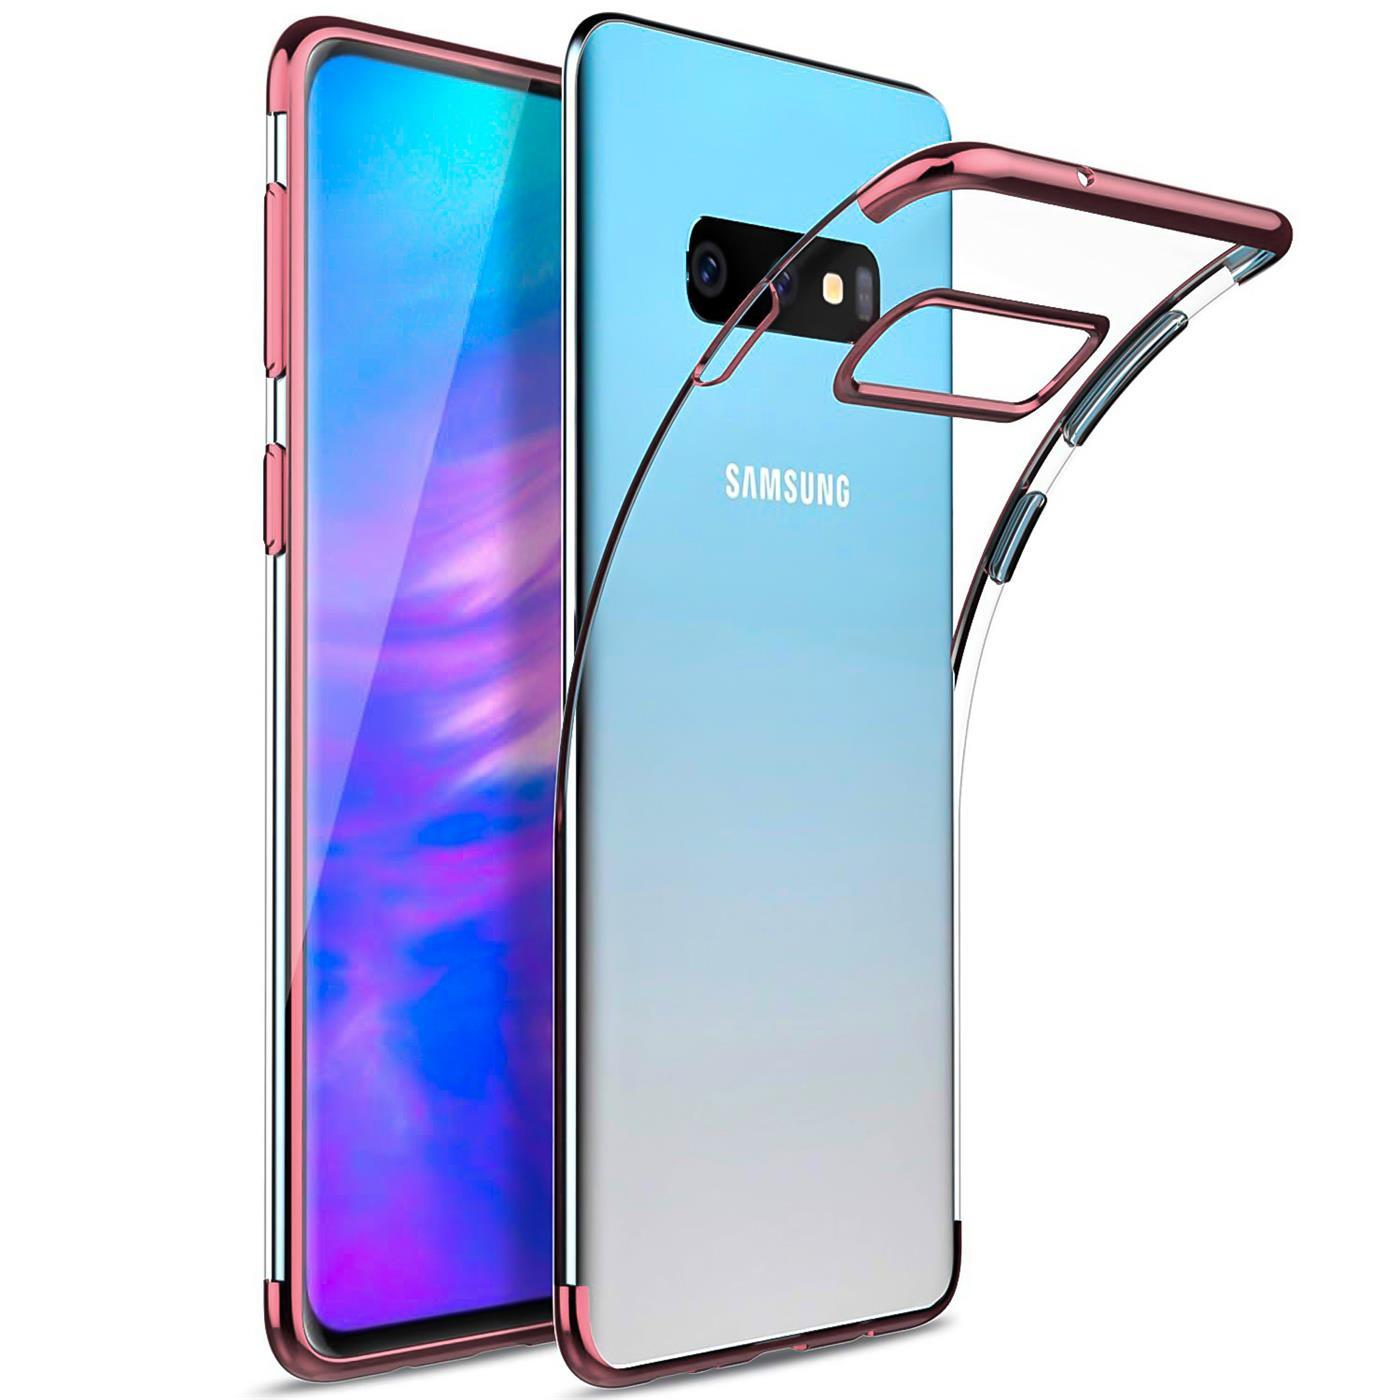 Samsung-Galaxy-S10-Huelle-Schutzhuelle-Handy-Tasche-Slim-Cover-Case-Transparent Indexbild 20